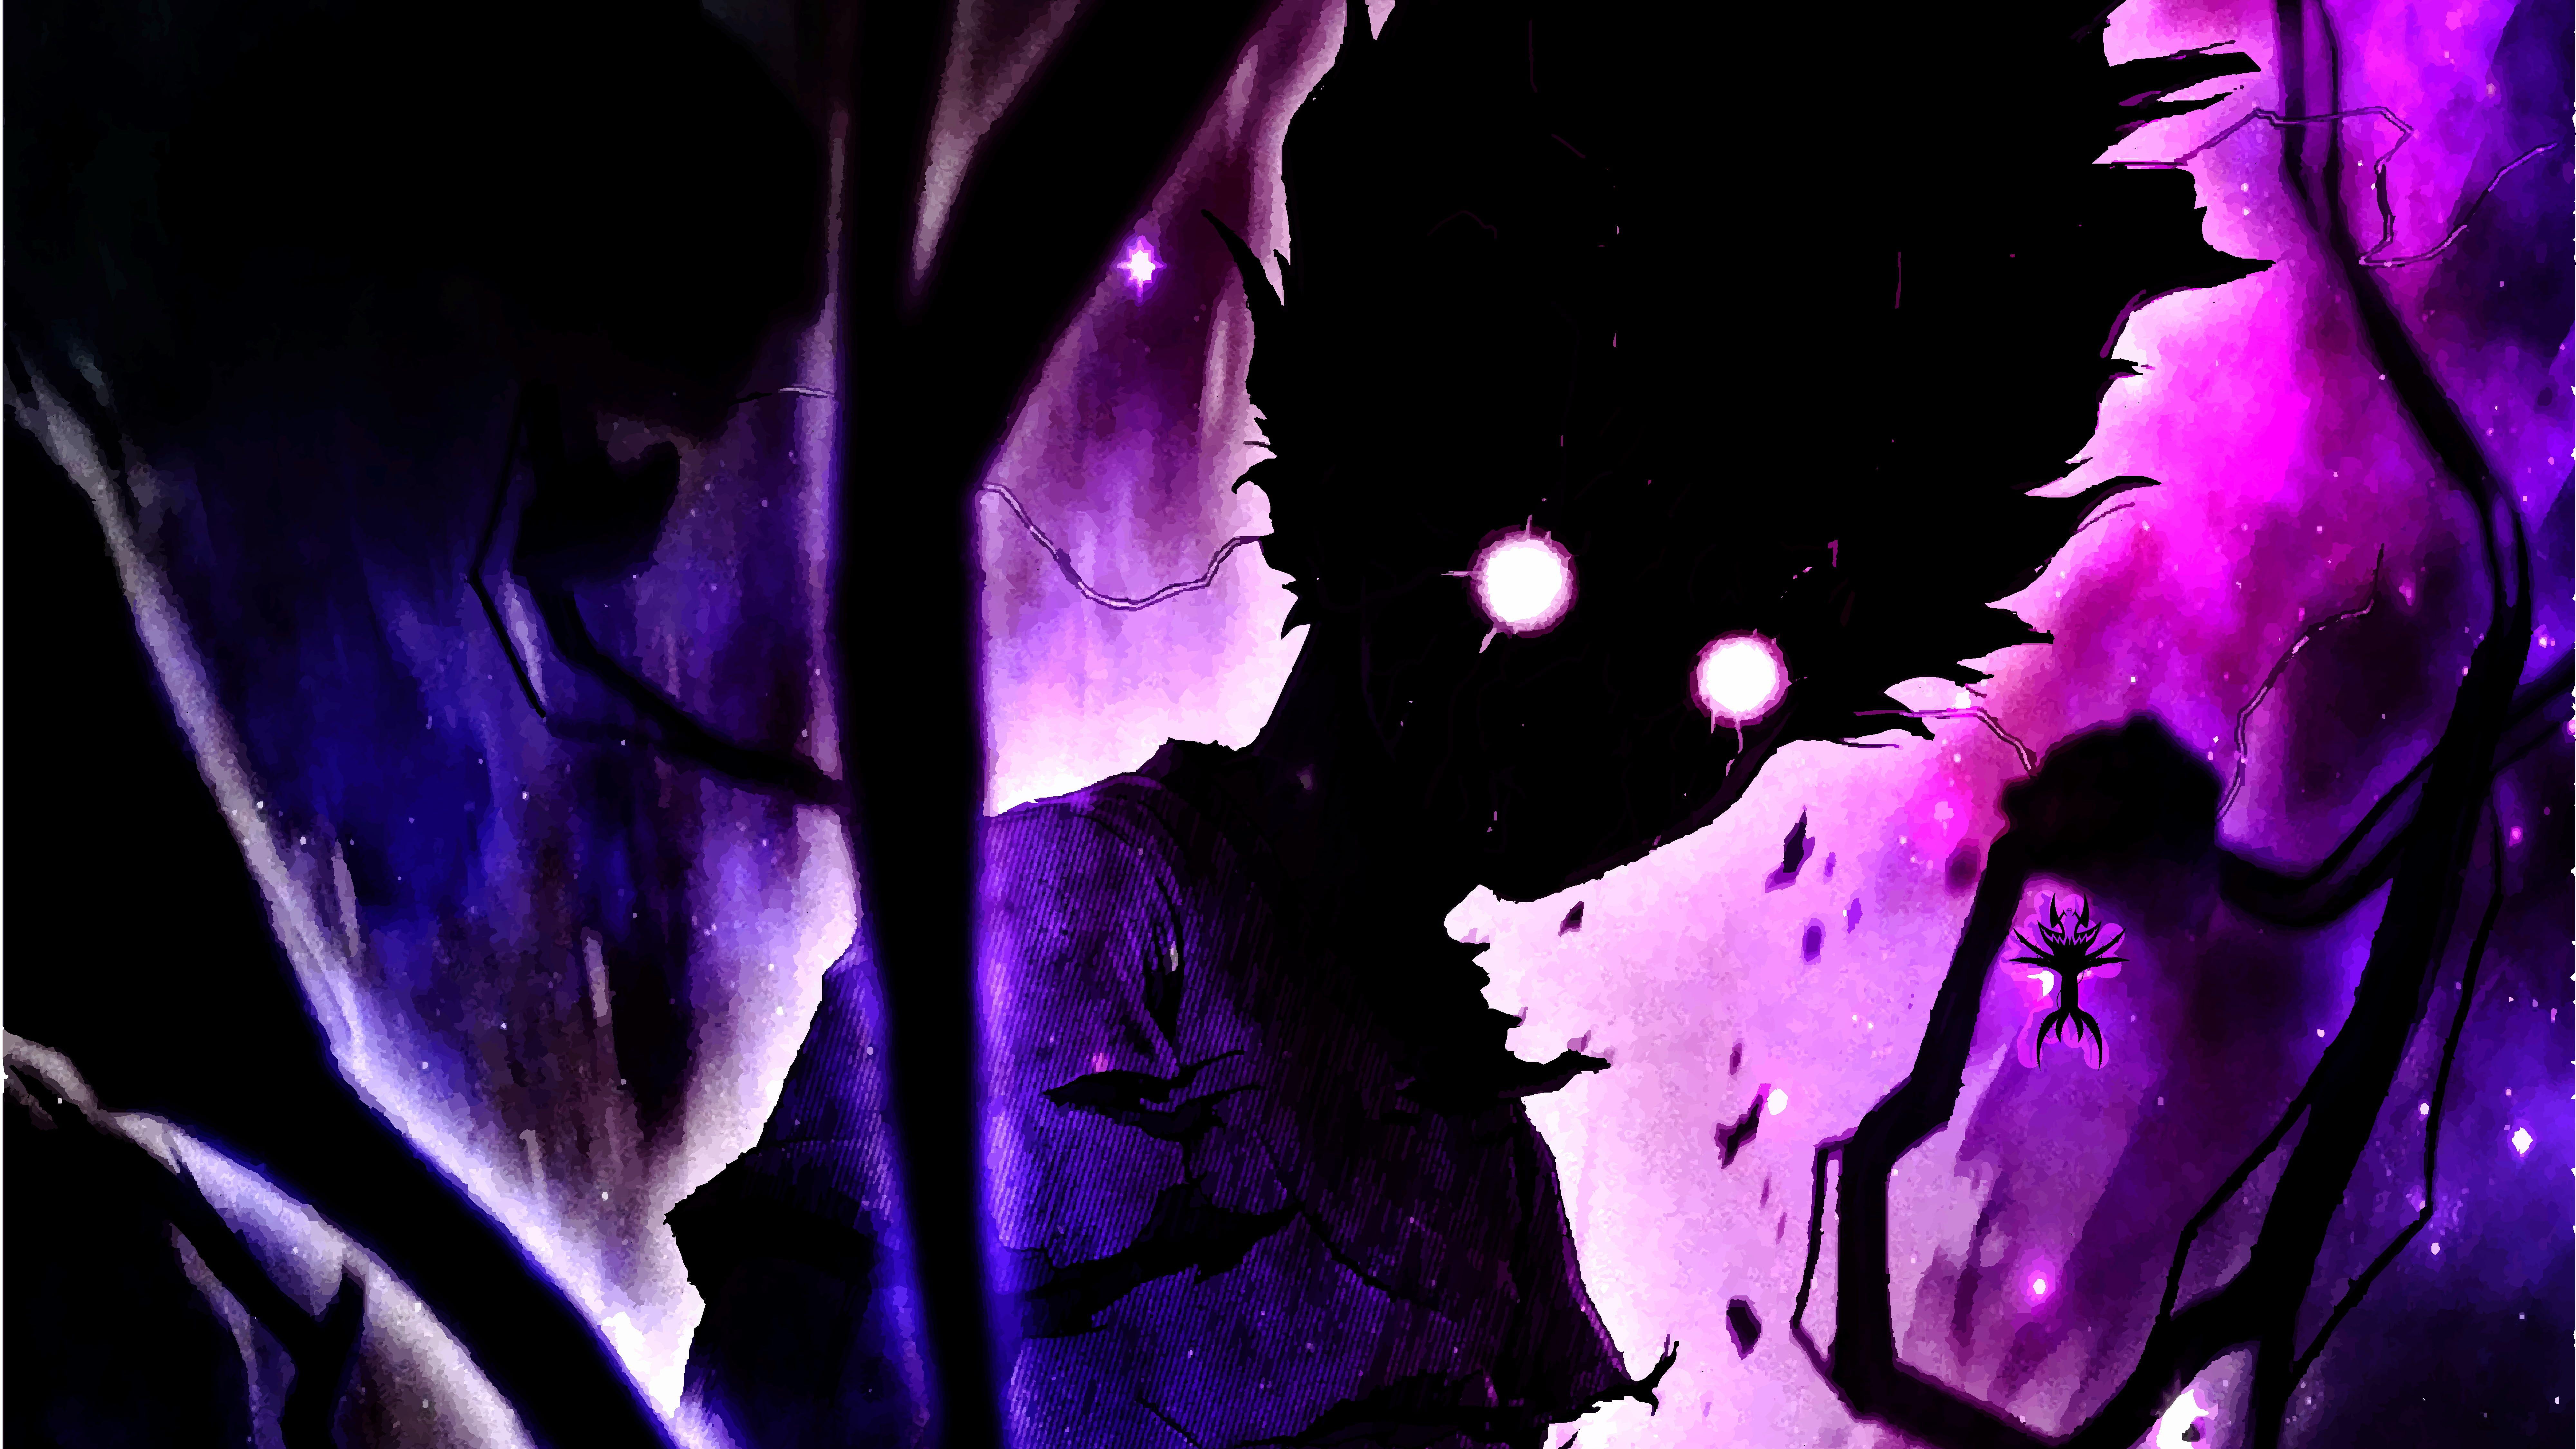 Mob Psycho 100 Kageyama Ritsu 8k Wallpaper Hdwallpaper Desktop In 2020 Mob Psycho 100 Anime Mob Psycho 100 Wallpaper Mob Psycho 100